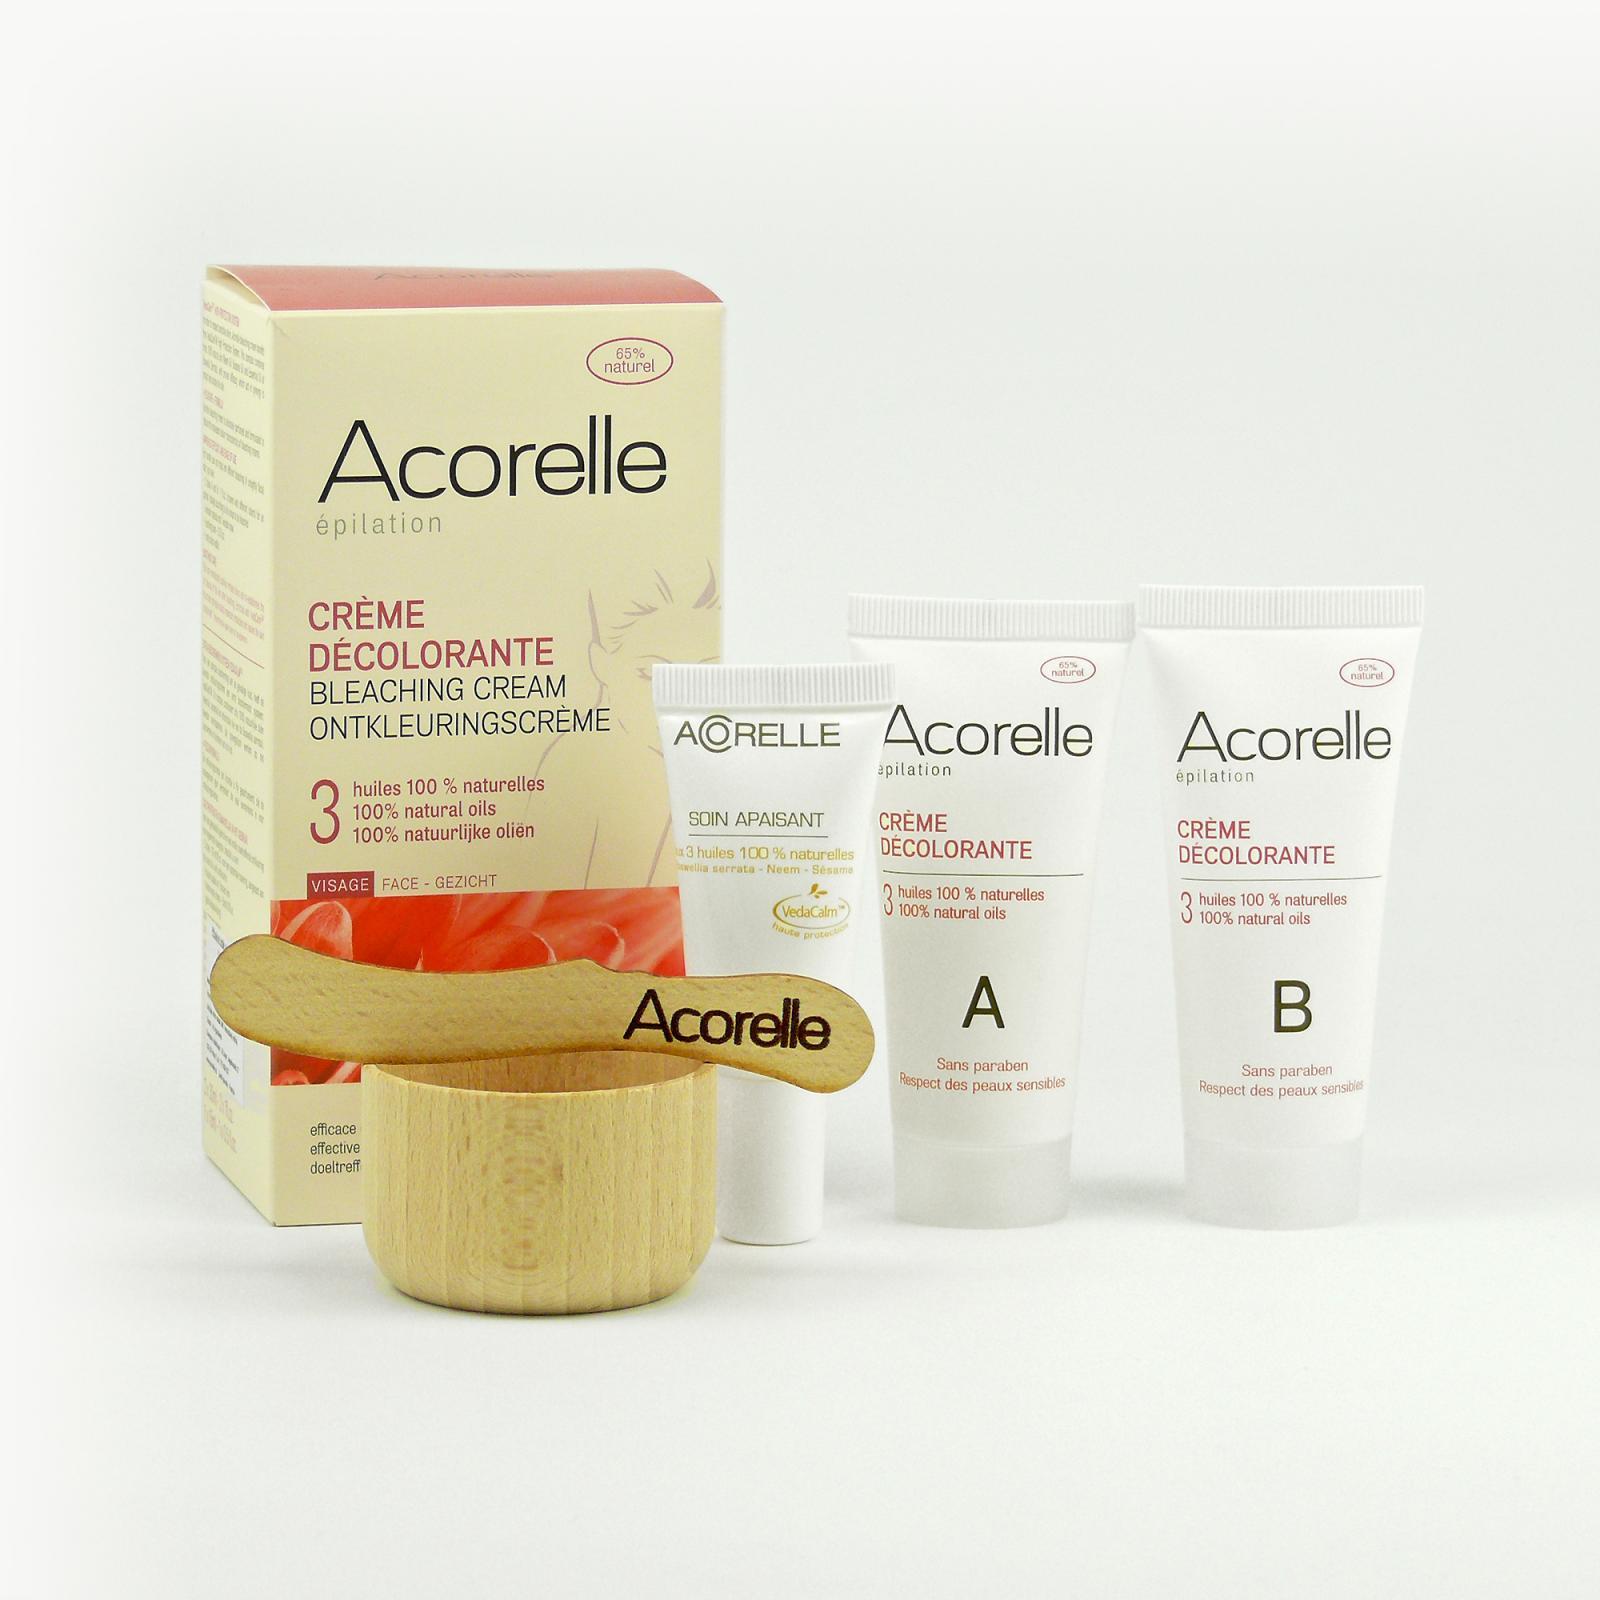 Acorelle Bělicí krém na obličej a tělo 2x30 ml, 1x15 ml, špachtle